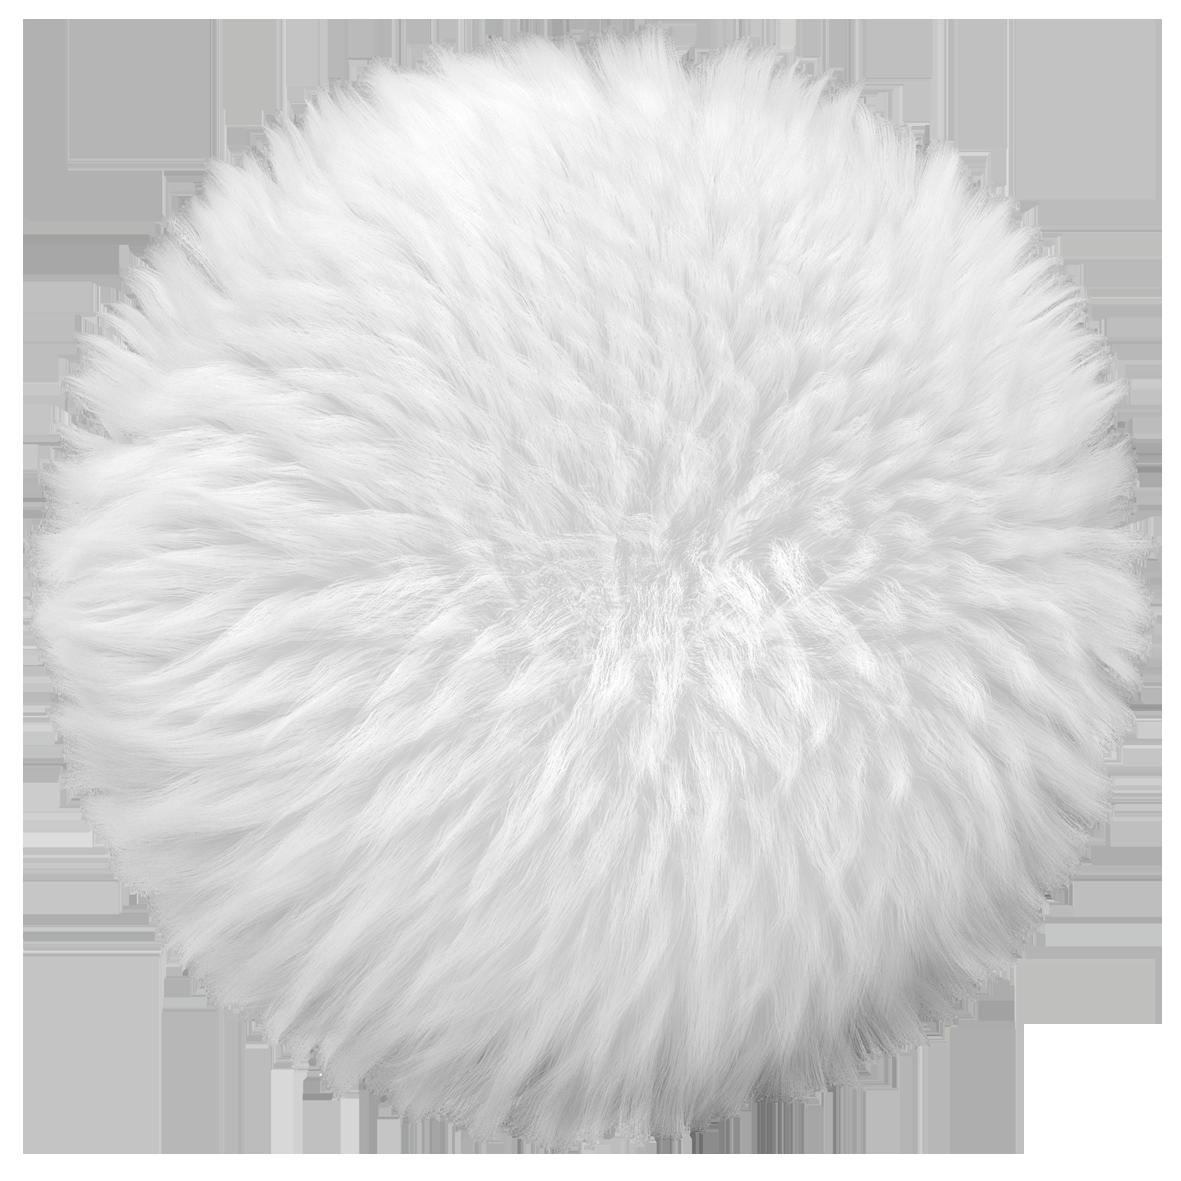 fluffball-1